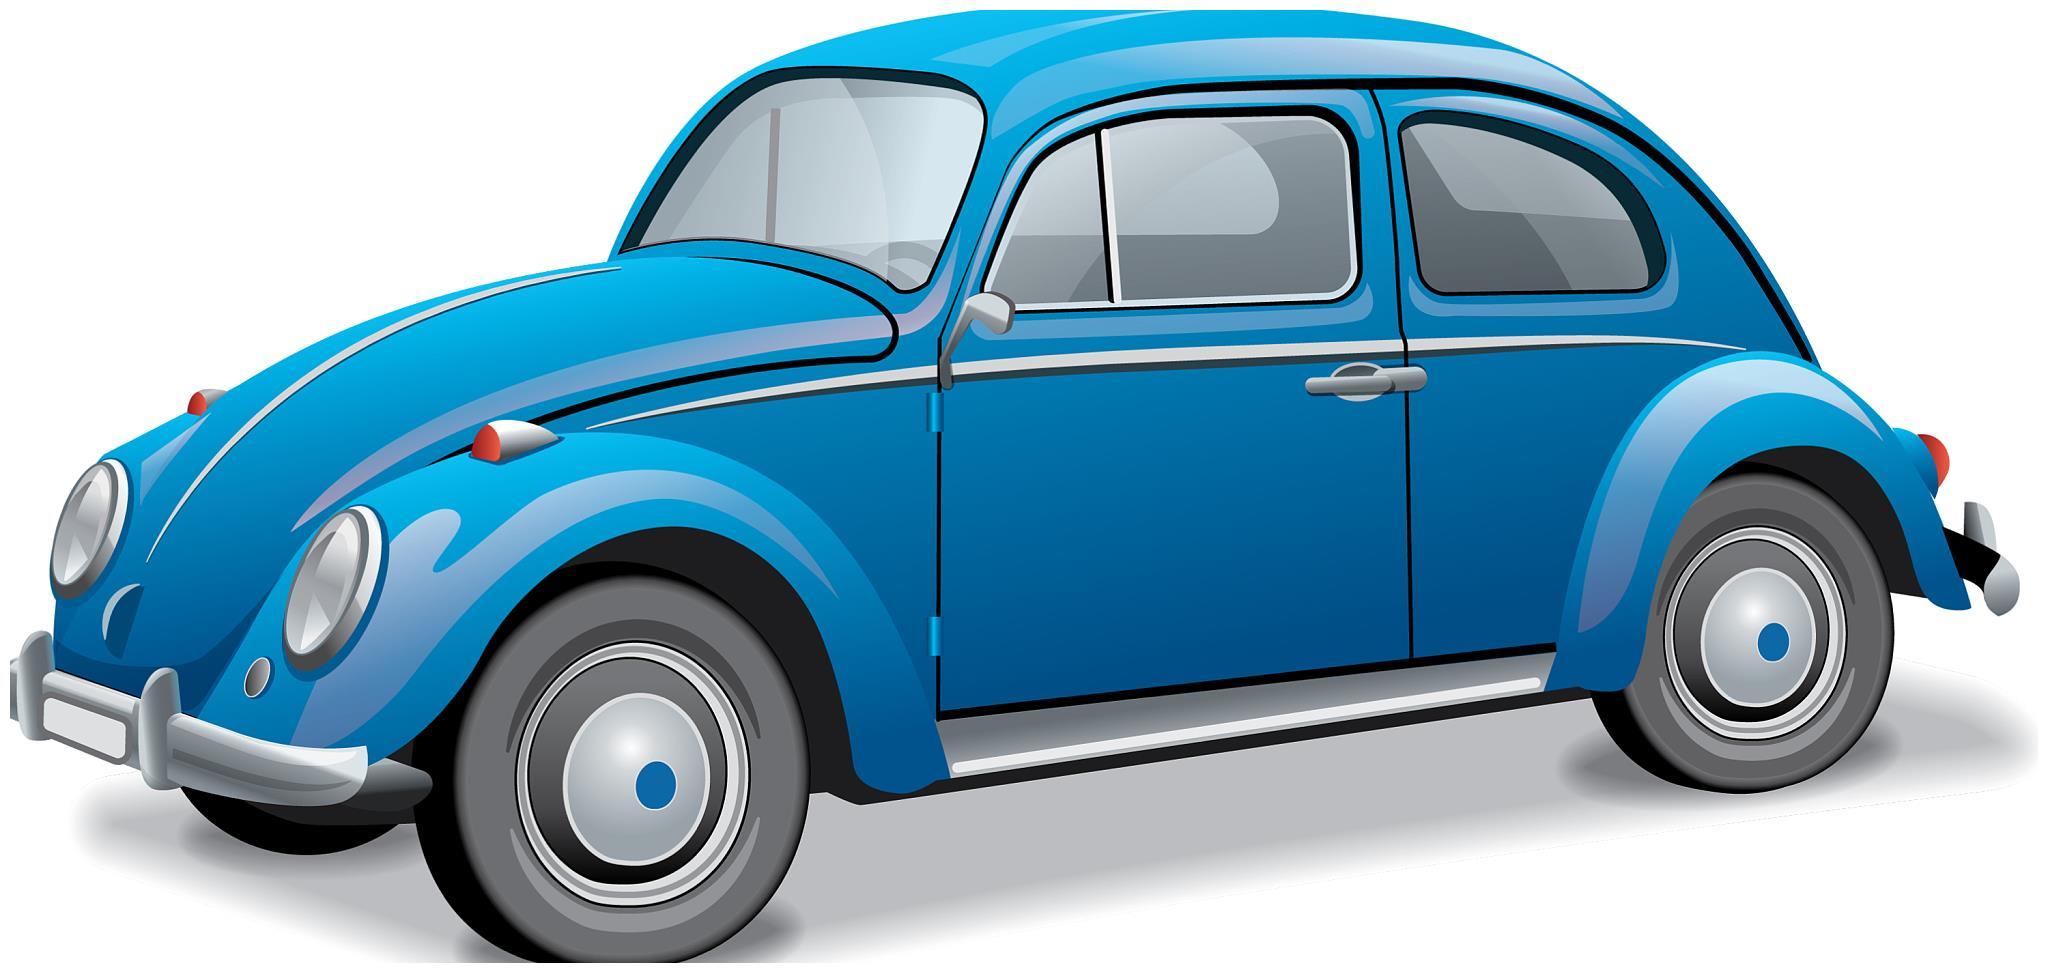 汽车广告媒体效果优化,特斯拉或将上线数据平台